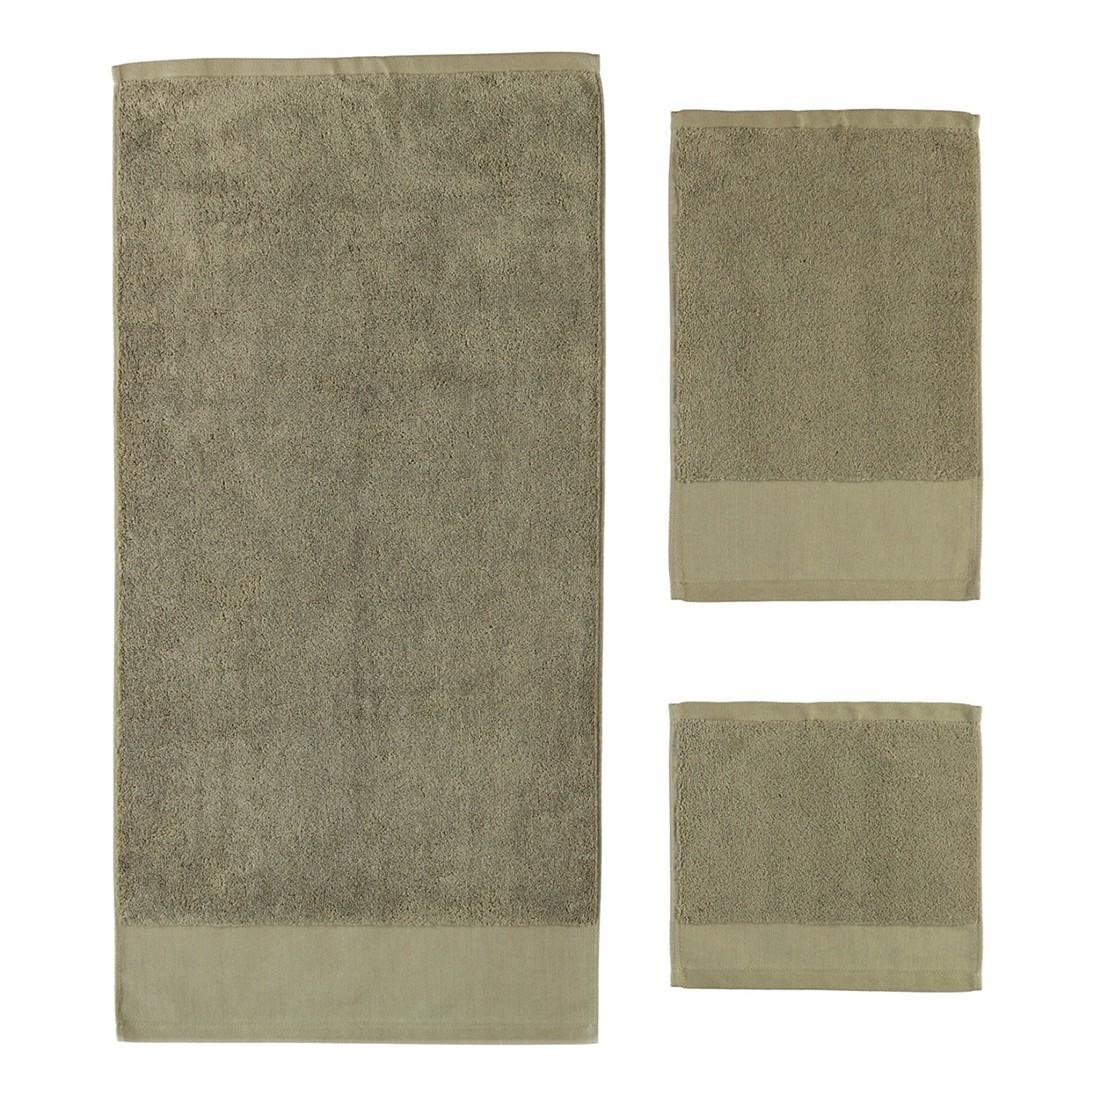 Handtuch Comtesse – 100% Baumwolle taupe – 58 – Handtuch: 50 x 100 cm, Rhomtuft jetzt bestellen